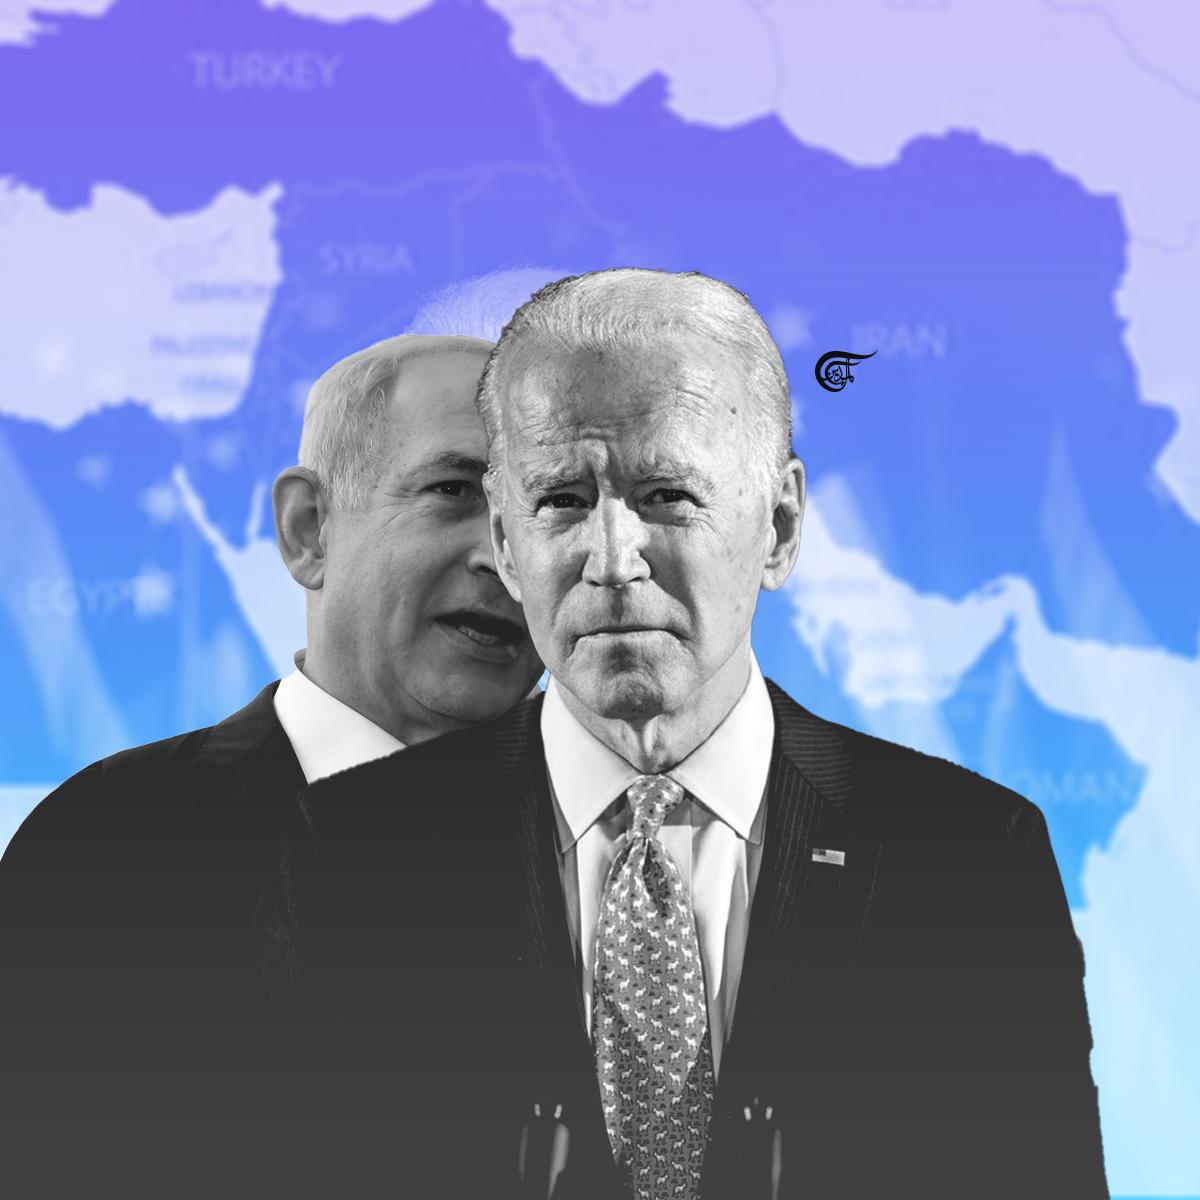 أورث ترامب خلفه بايدن انعدام ثقة الحلفاء في المنطقة بقدرة واشنطن على حمايتهم